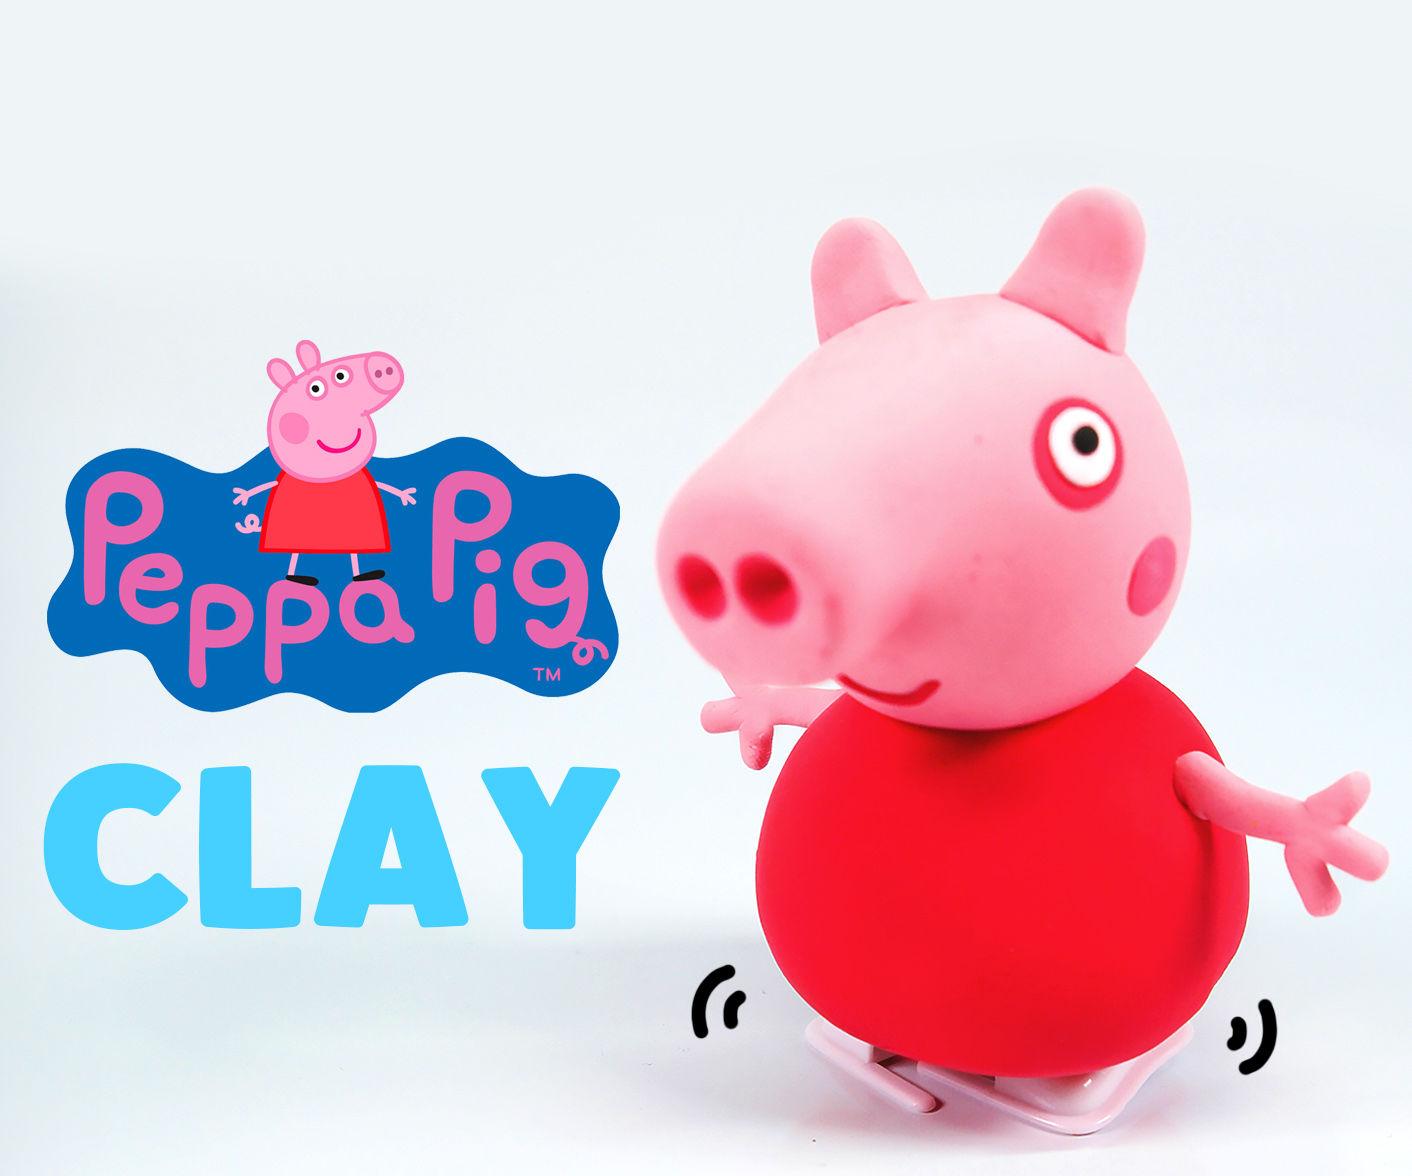 Peppa Pig Clay Tutorial !! DIY Clockwork PeppaPig